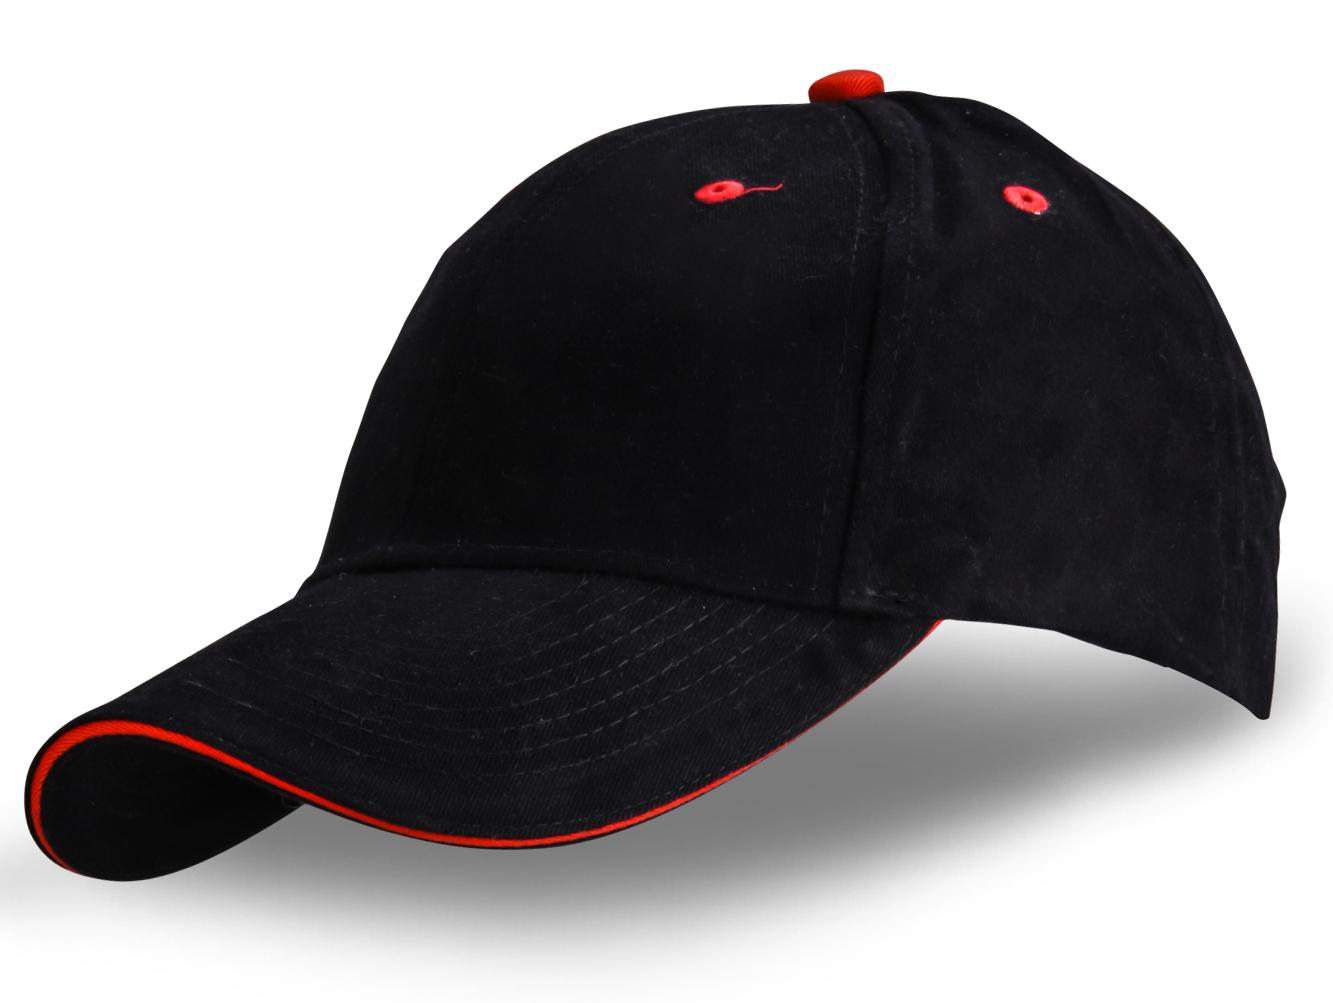 Черная кепка - купить в интернет-магазине с доставкой